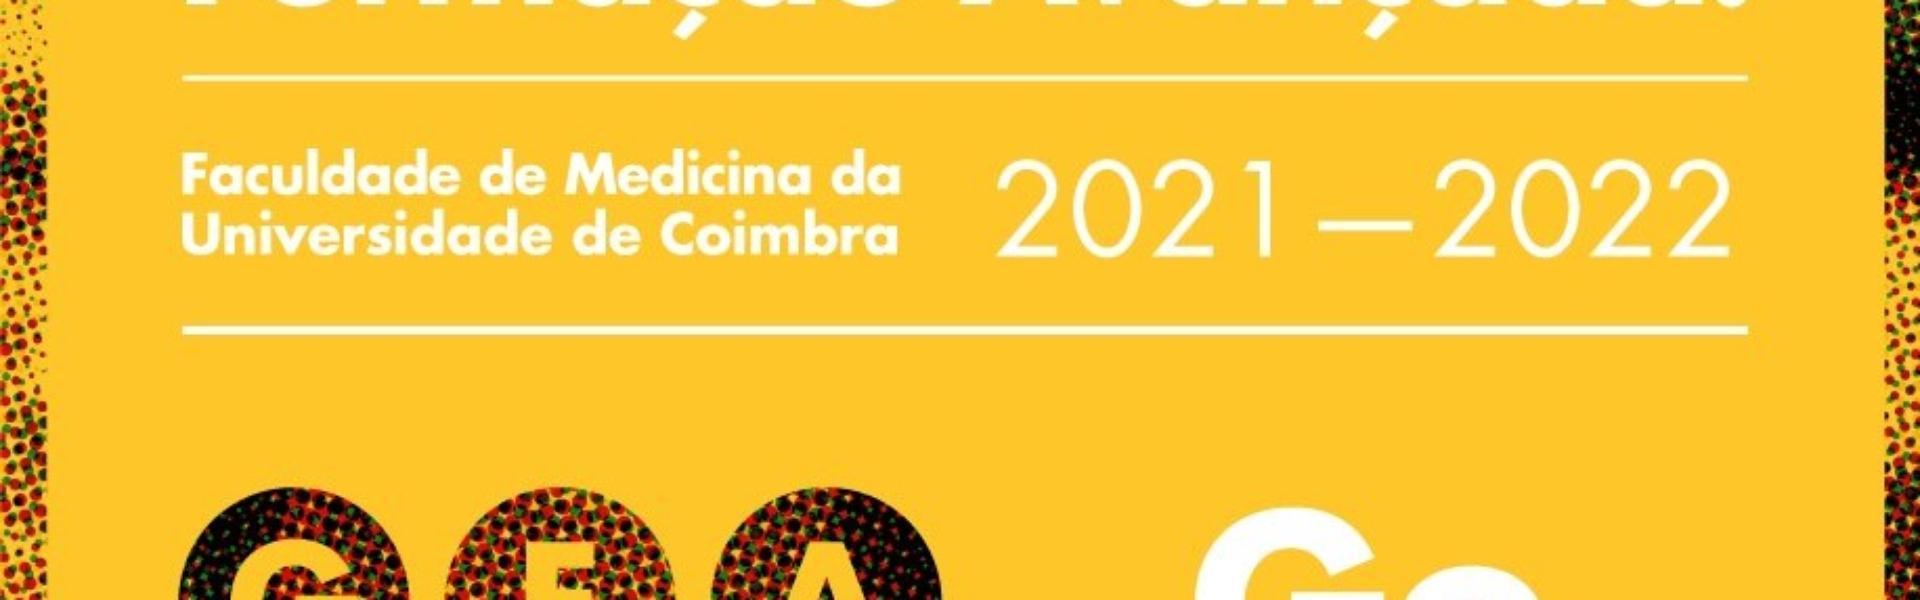 Formação Pós Graduada - Candidaturas 2021/2022